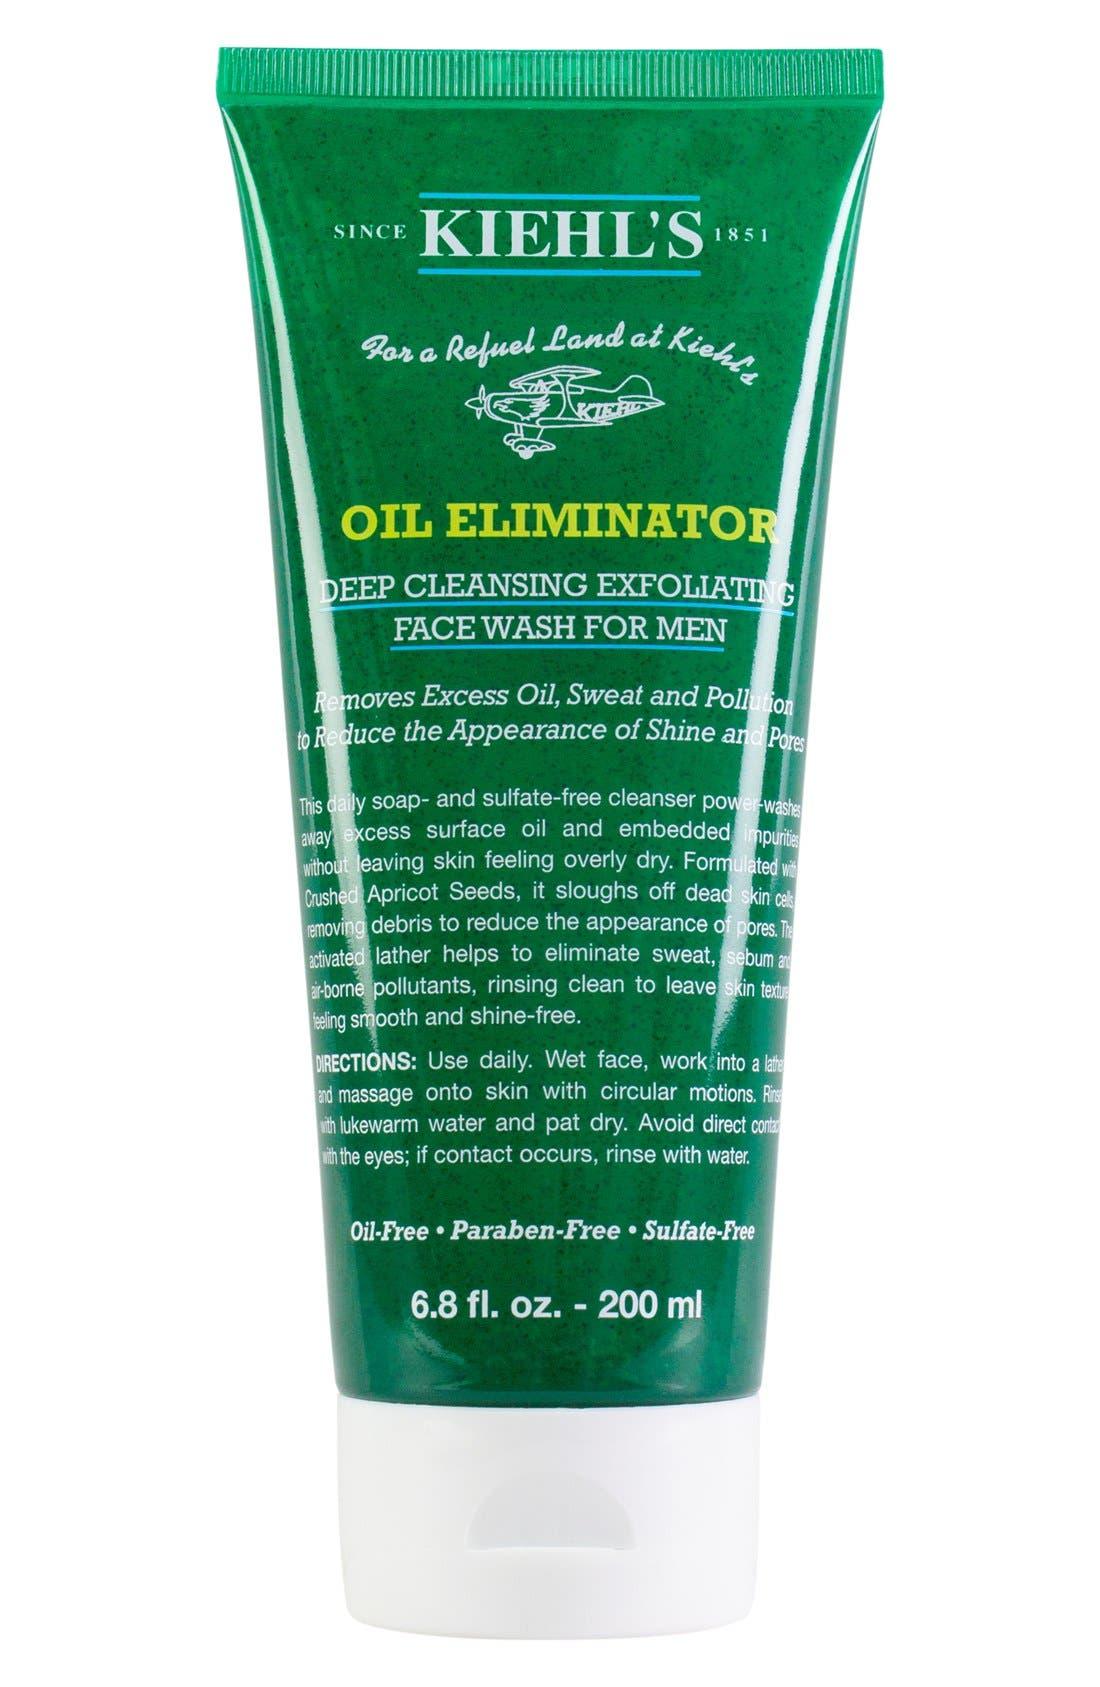 1851 Oil Eliminator Deep Cleansing Exfoliating Face Wash For Men